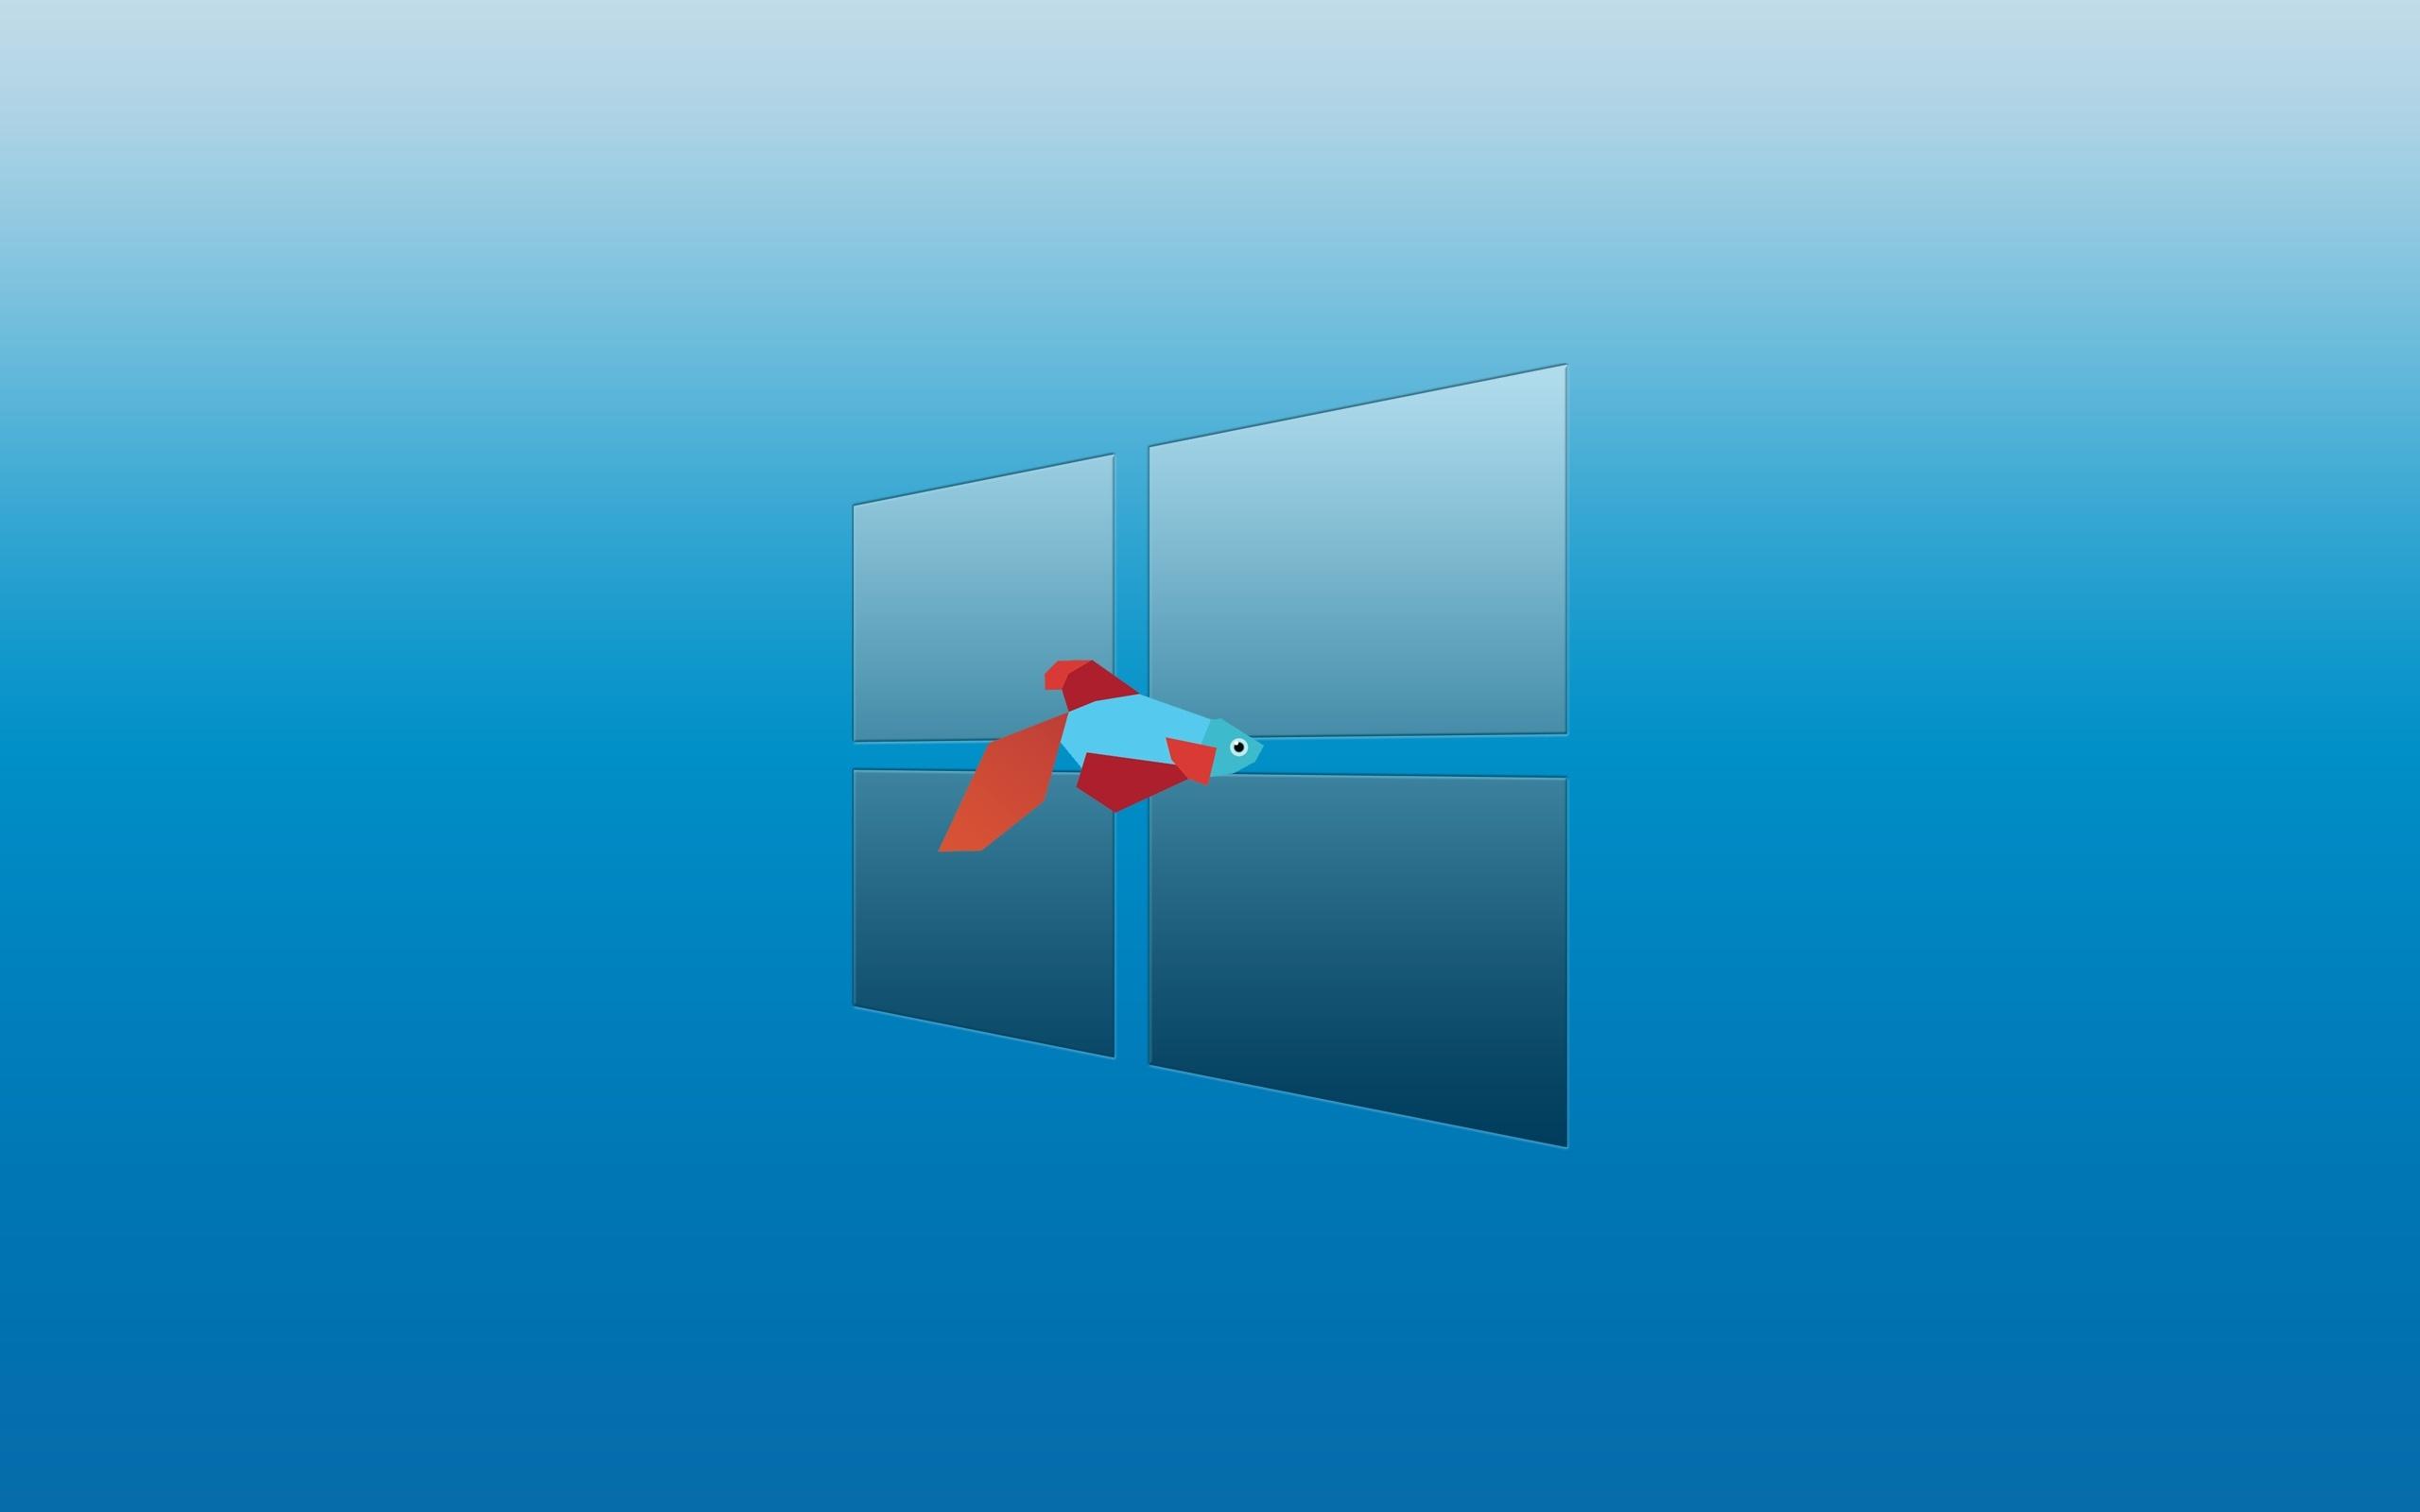 Windows 8 Desktop Background 7015780 2560x1600